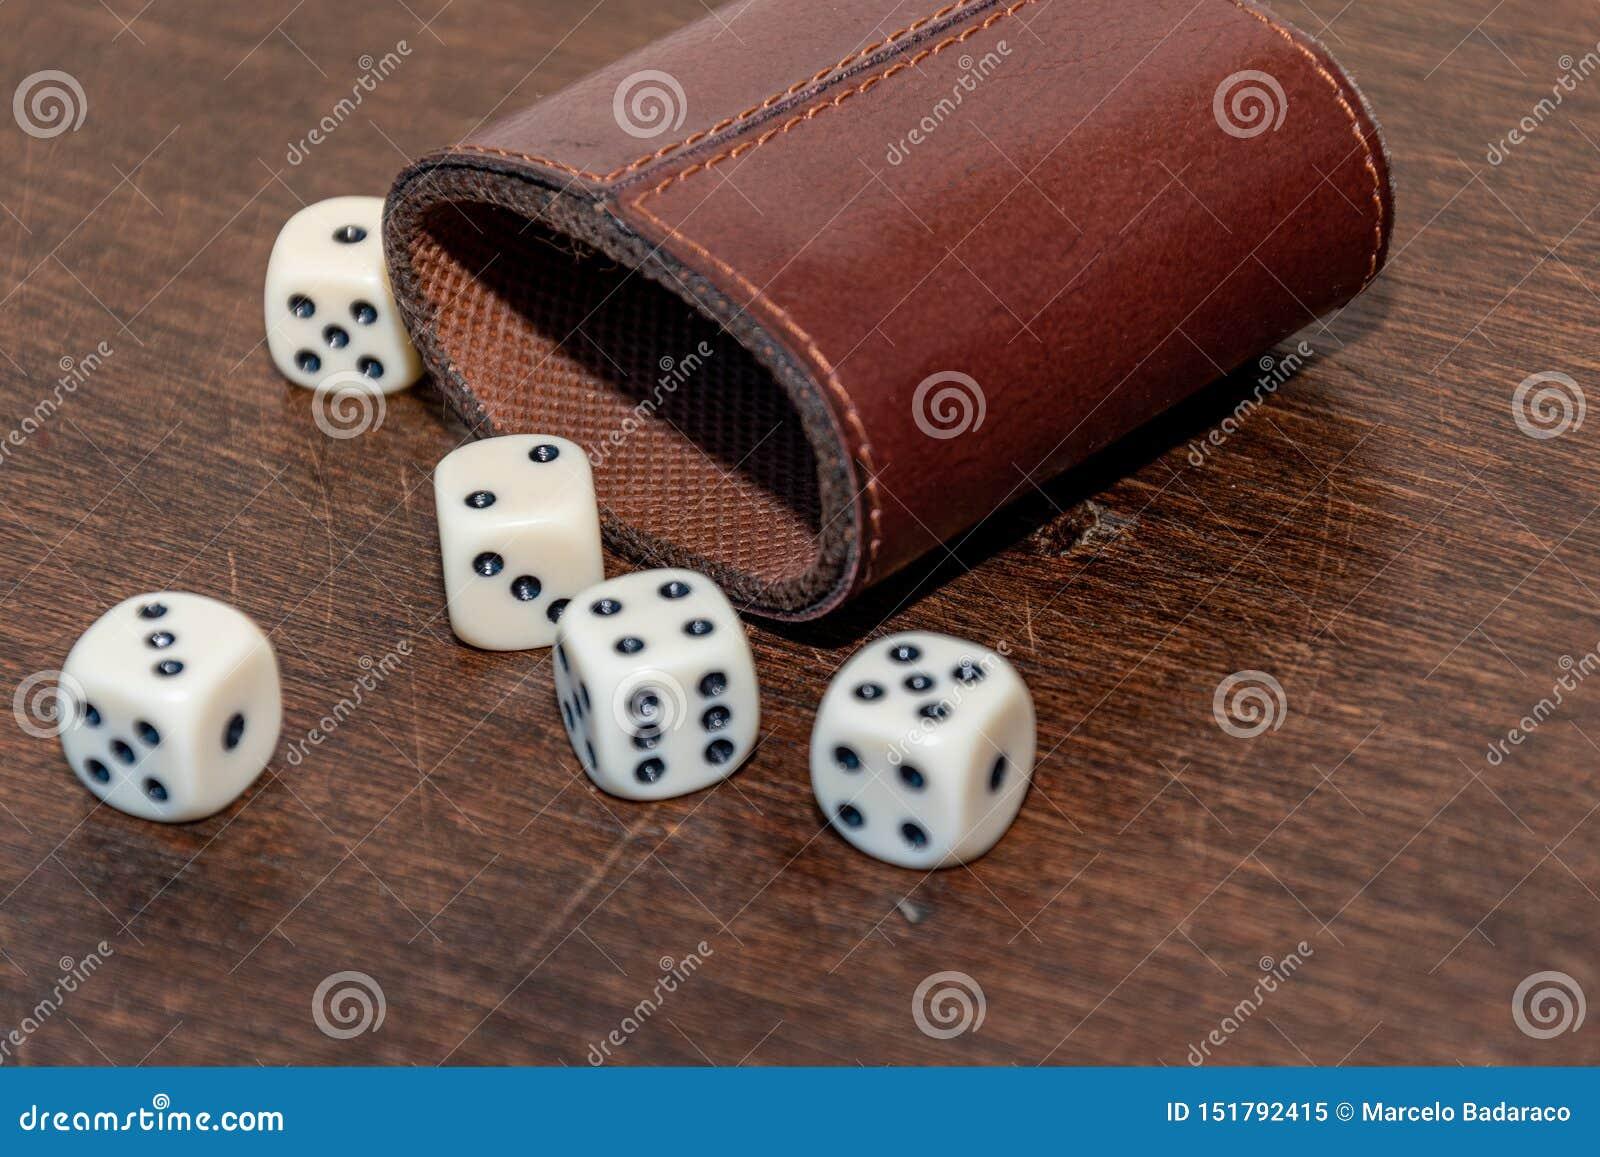 Bardzo popularna gra z kostkami do gry w pokoju lub w domu